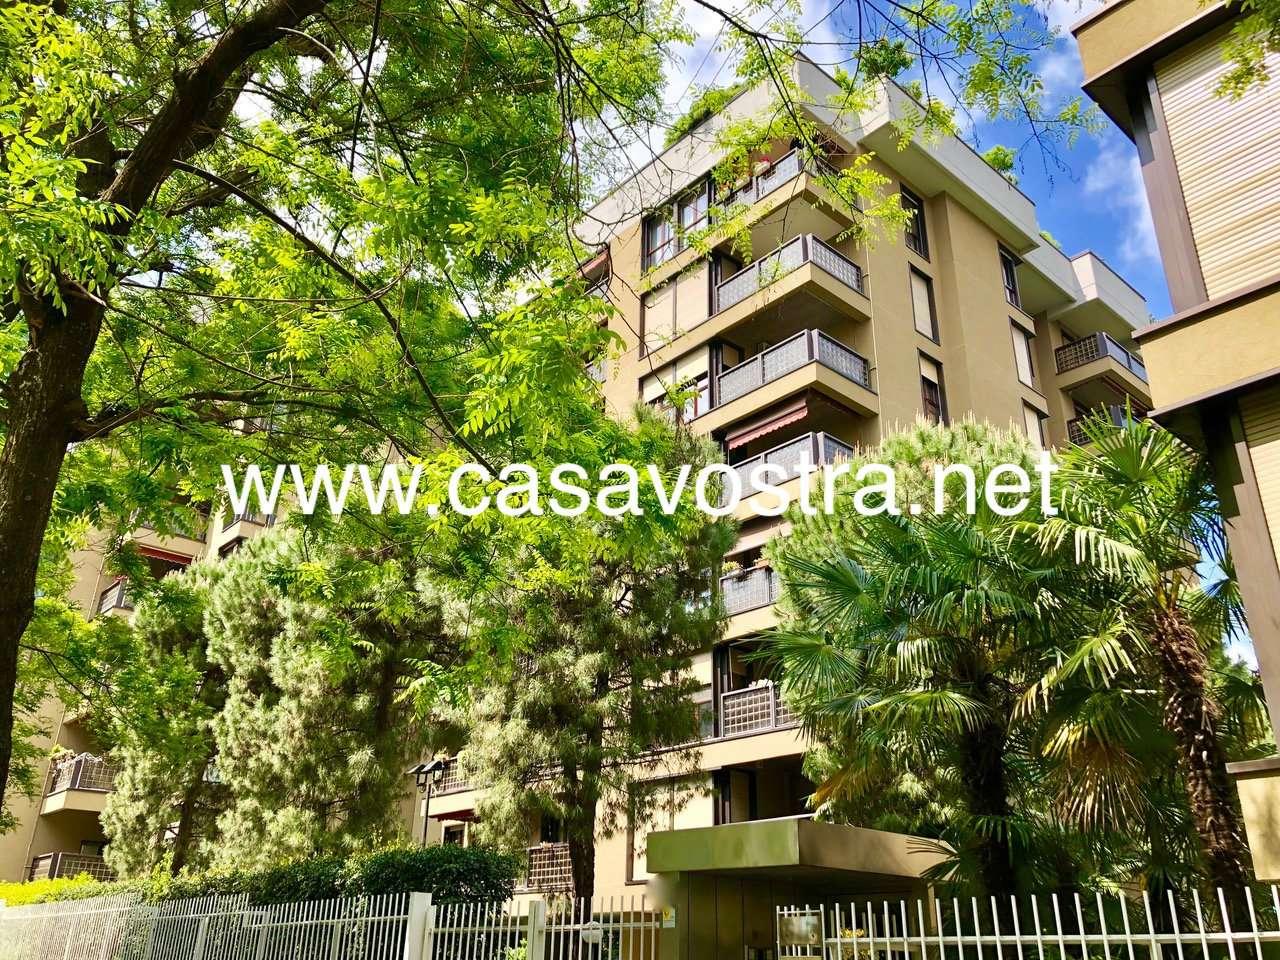 Appartamento in Vendita a Milano 17 Marghera / Wagner / Fiera: 3 locali, 100 mq